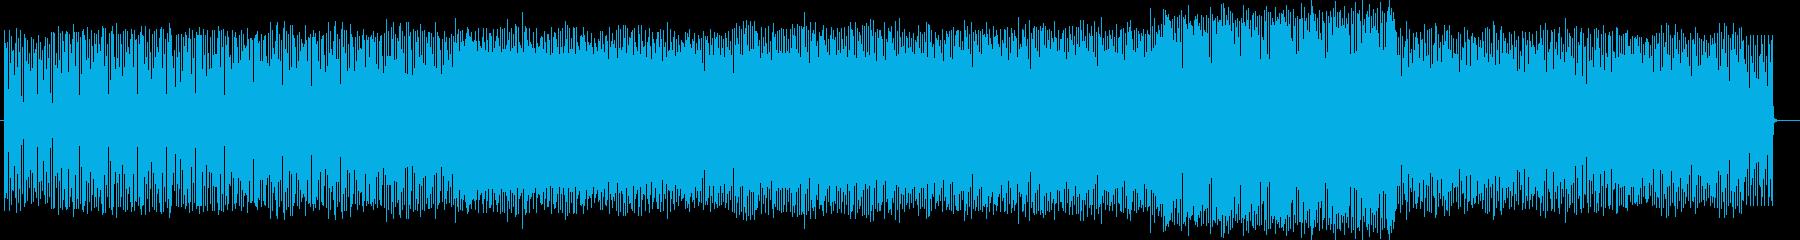 ドライブに向いているテクノミュージックの再生済みの波形